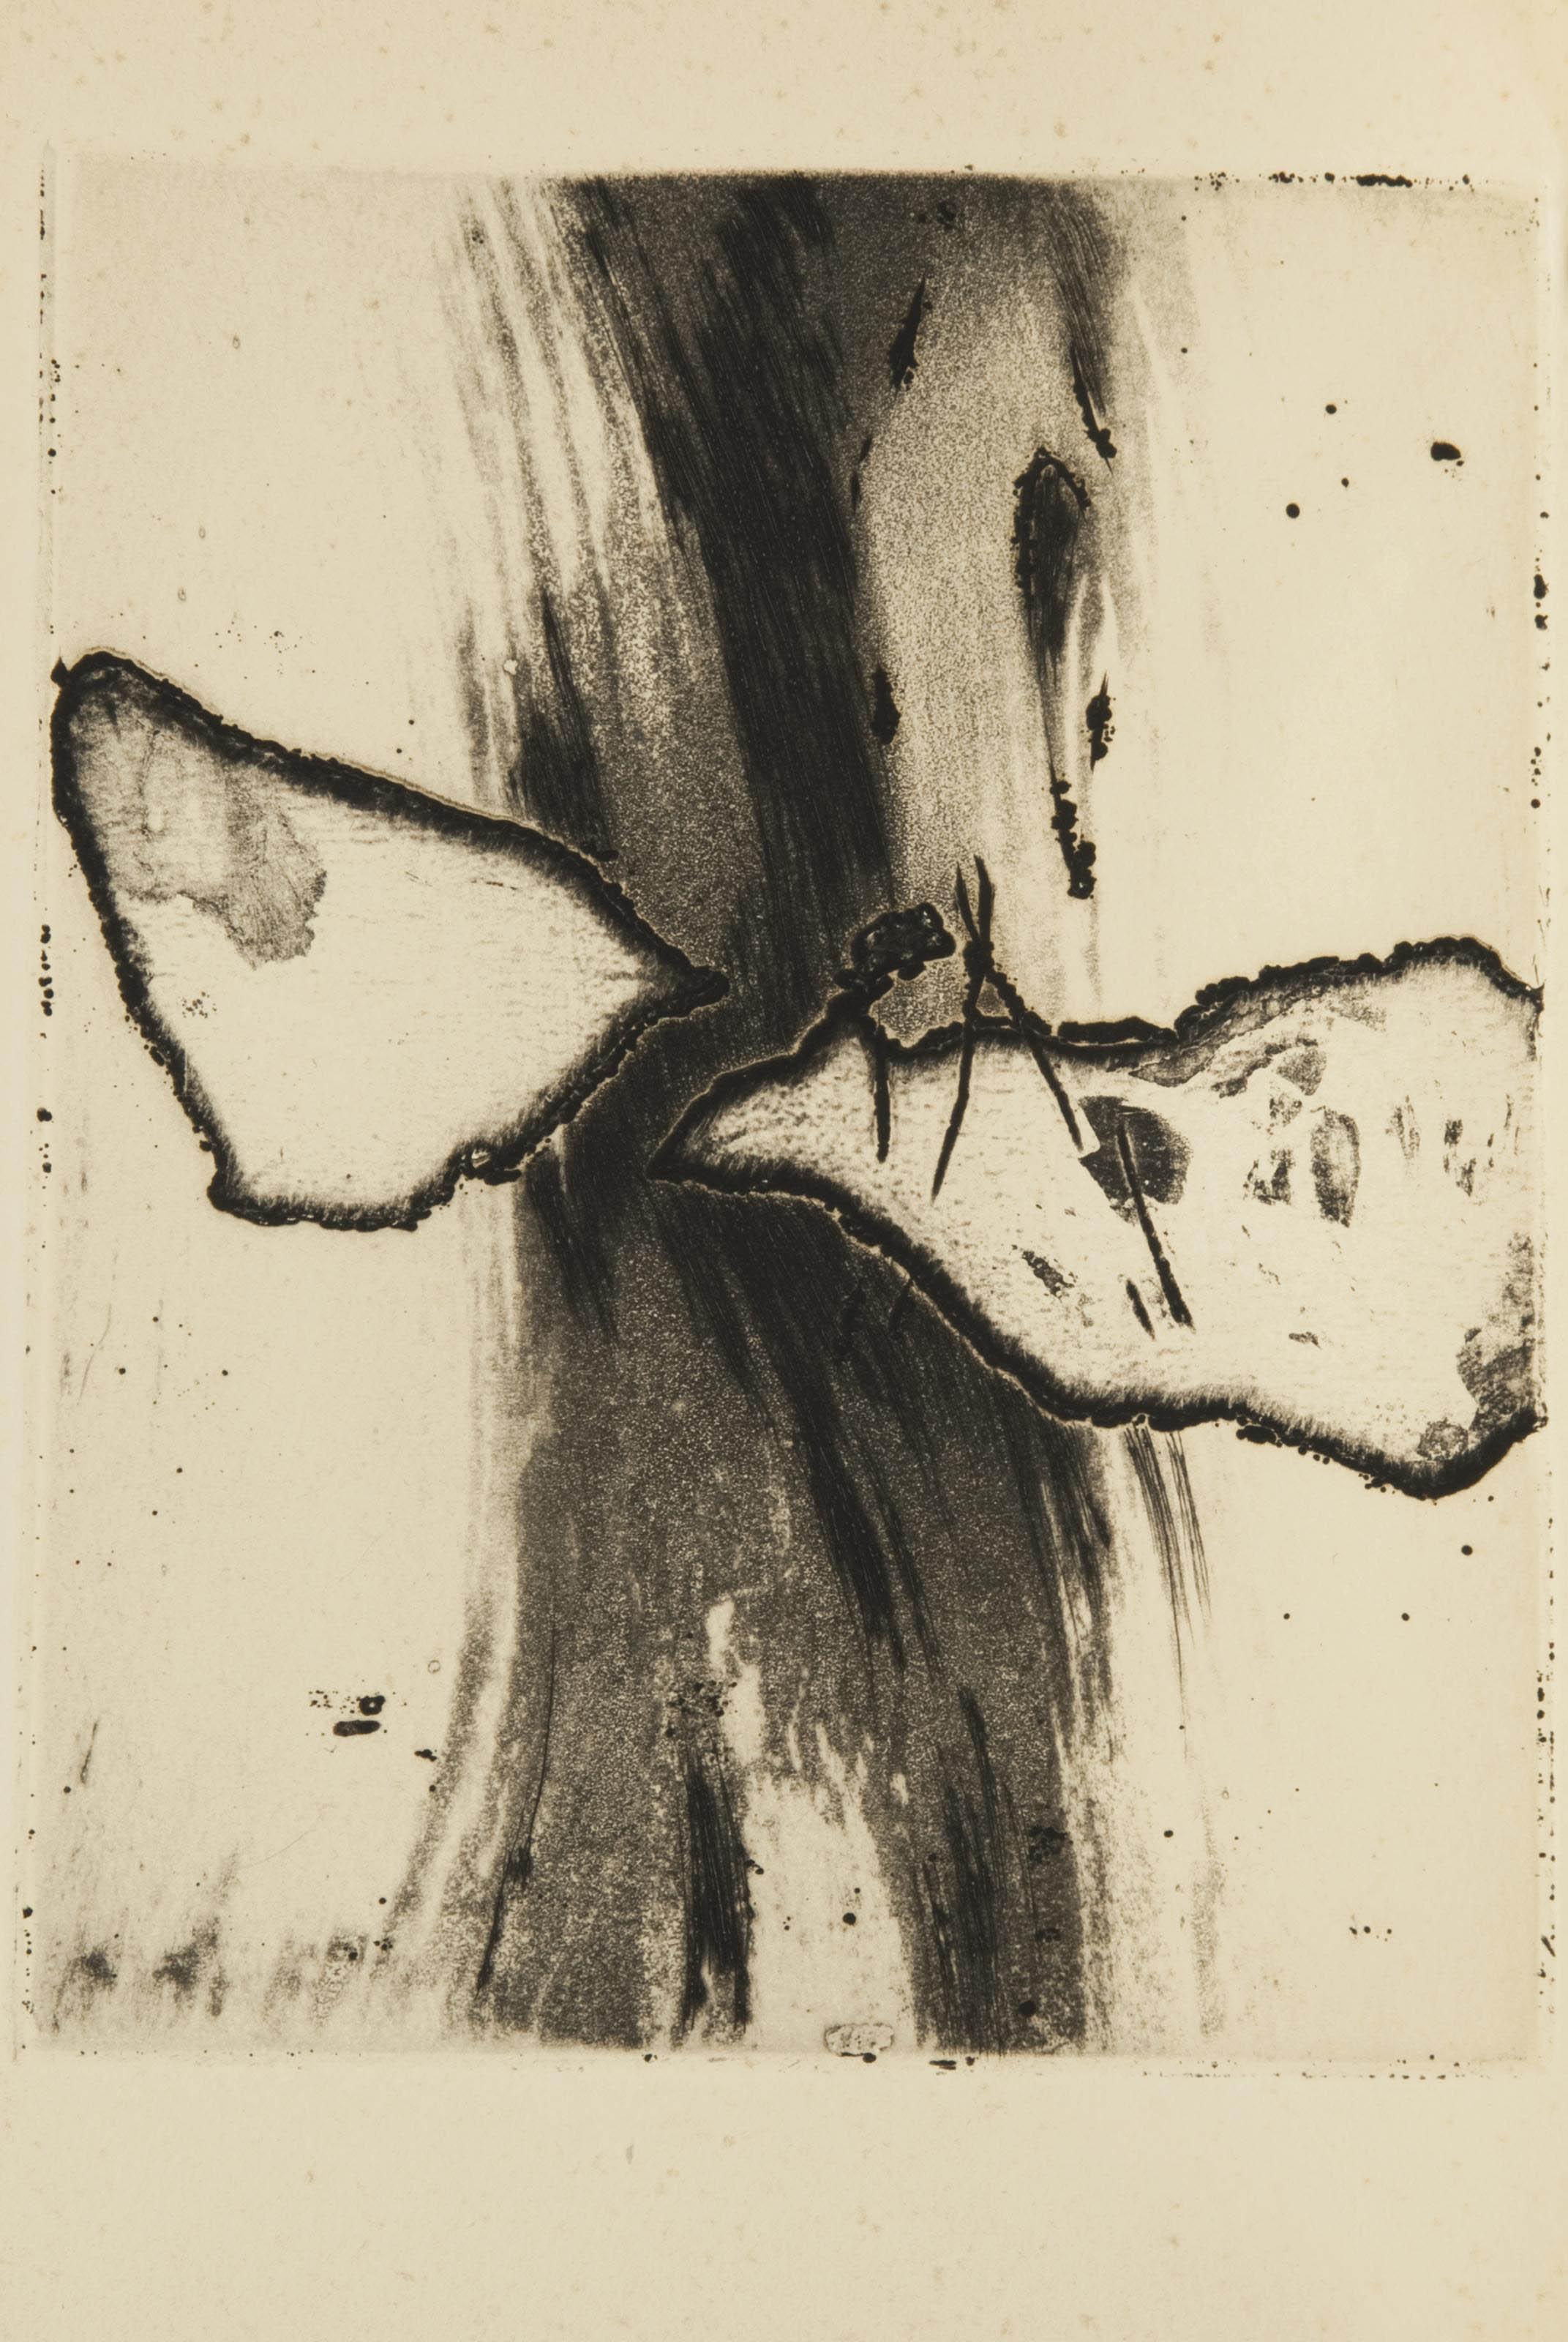 [ZAÑARTU] -- BUTOR, Michel (né en 1926). La Modification. Roman. Paris: Éditions de Minuit, 1957.